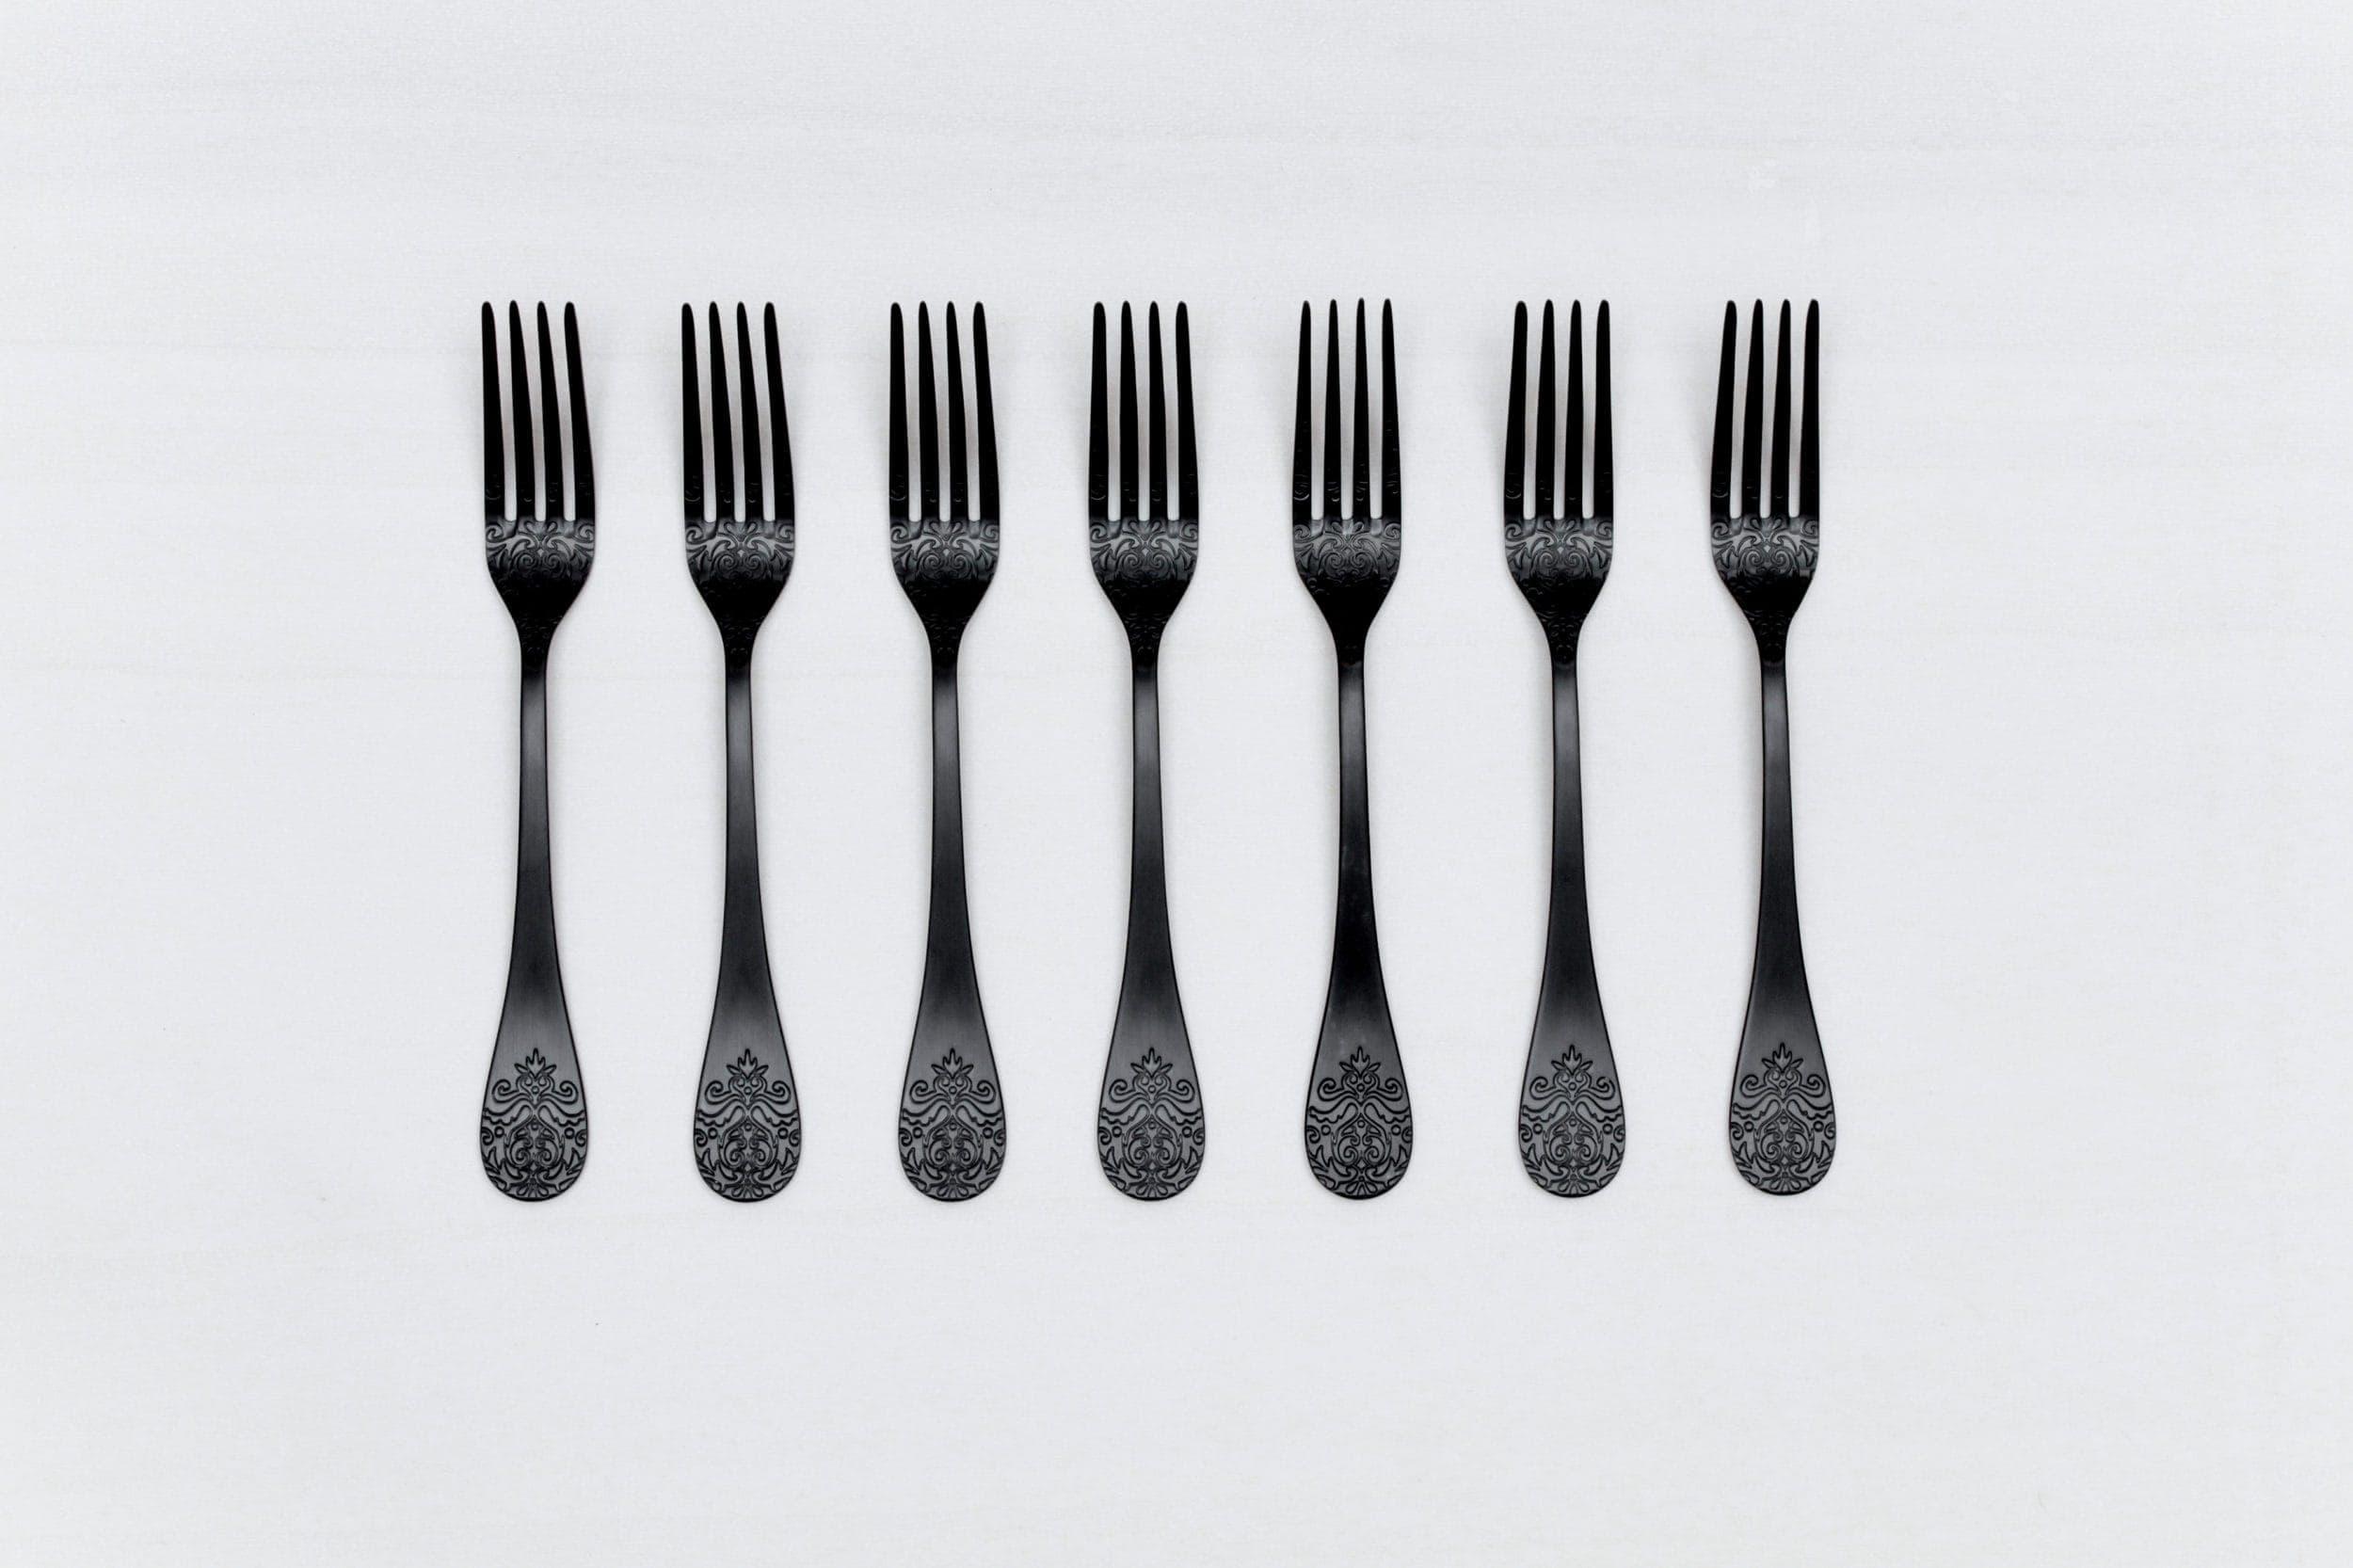 Schwarzes Besteck mieten, Tischdekoration, Hochzeitsdekoration